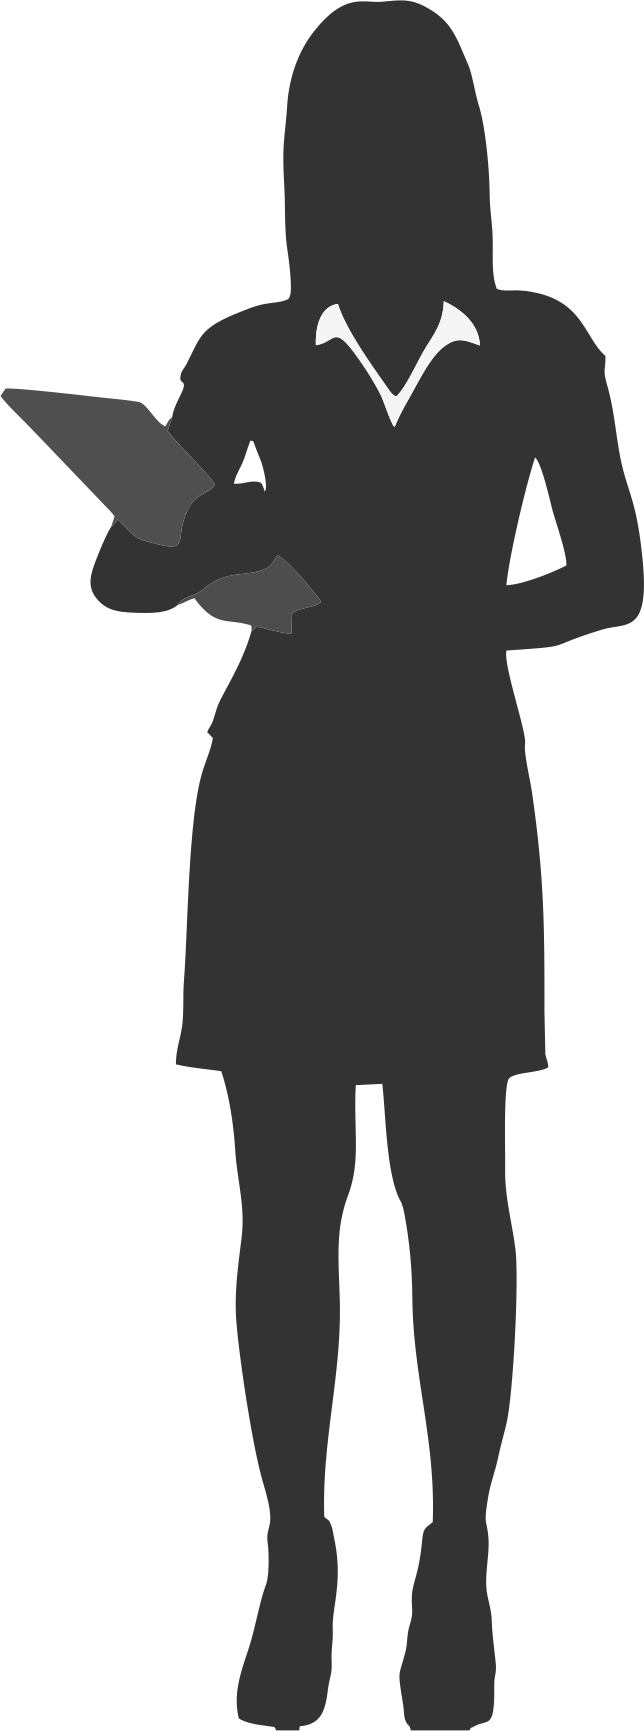 Minenii connect with diverse. Suit clipart recruitment